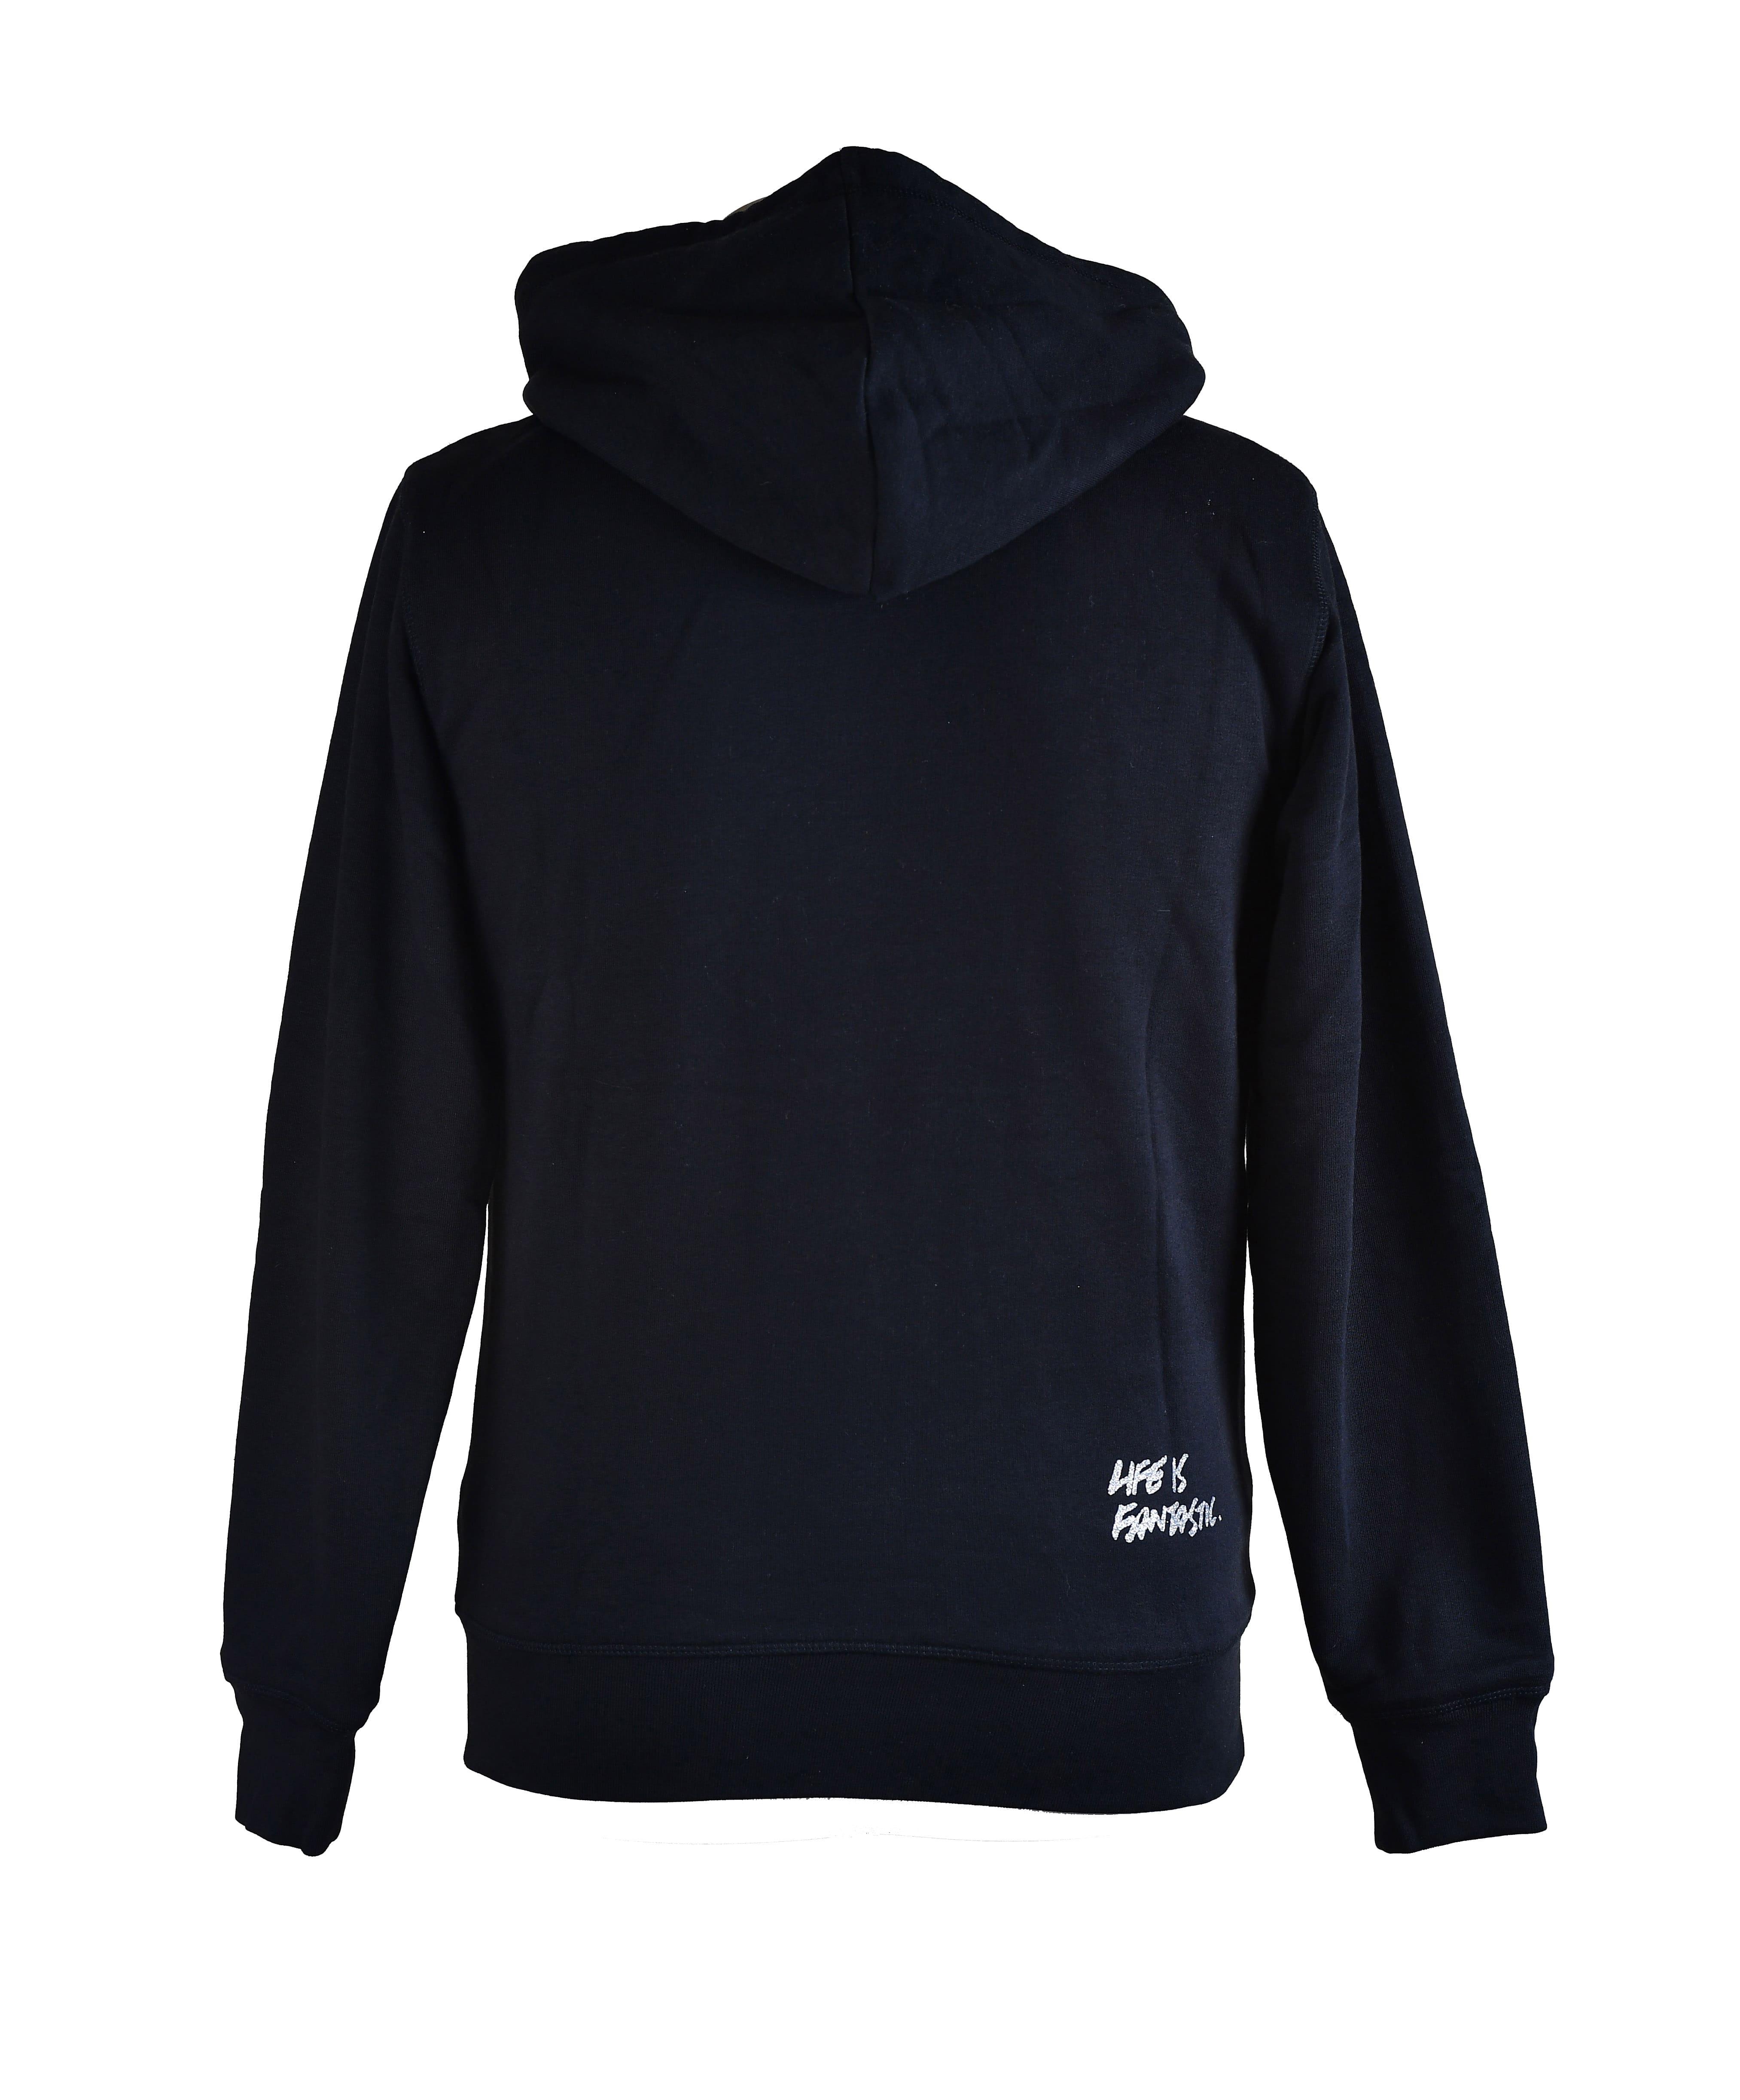 Ramon hoodie black